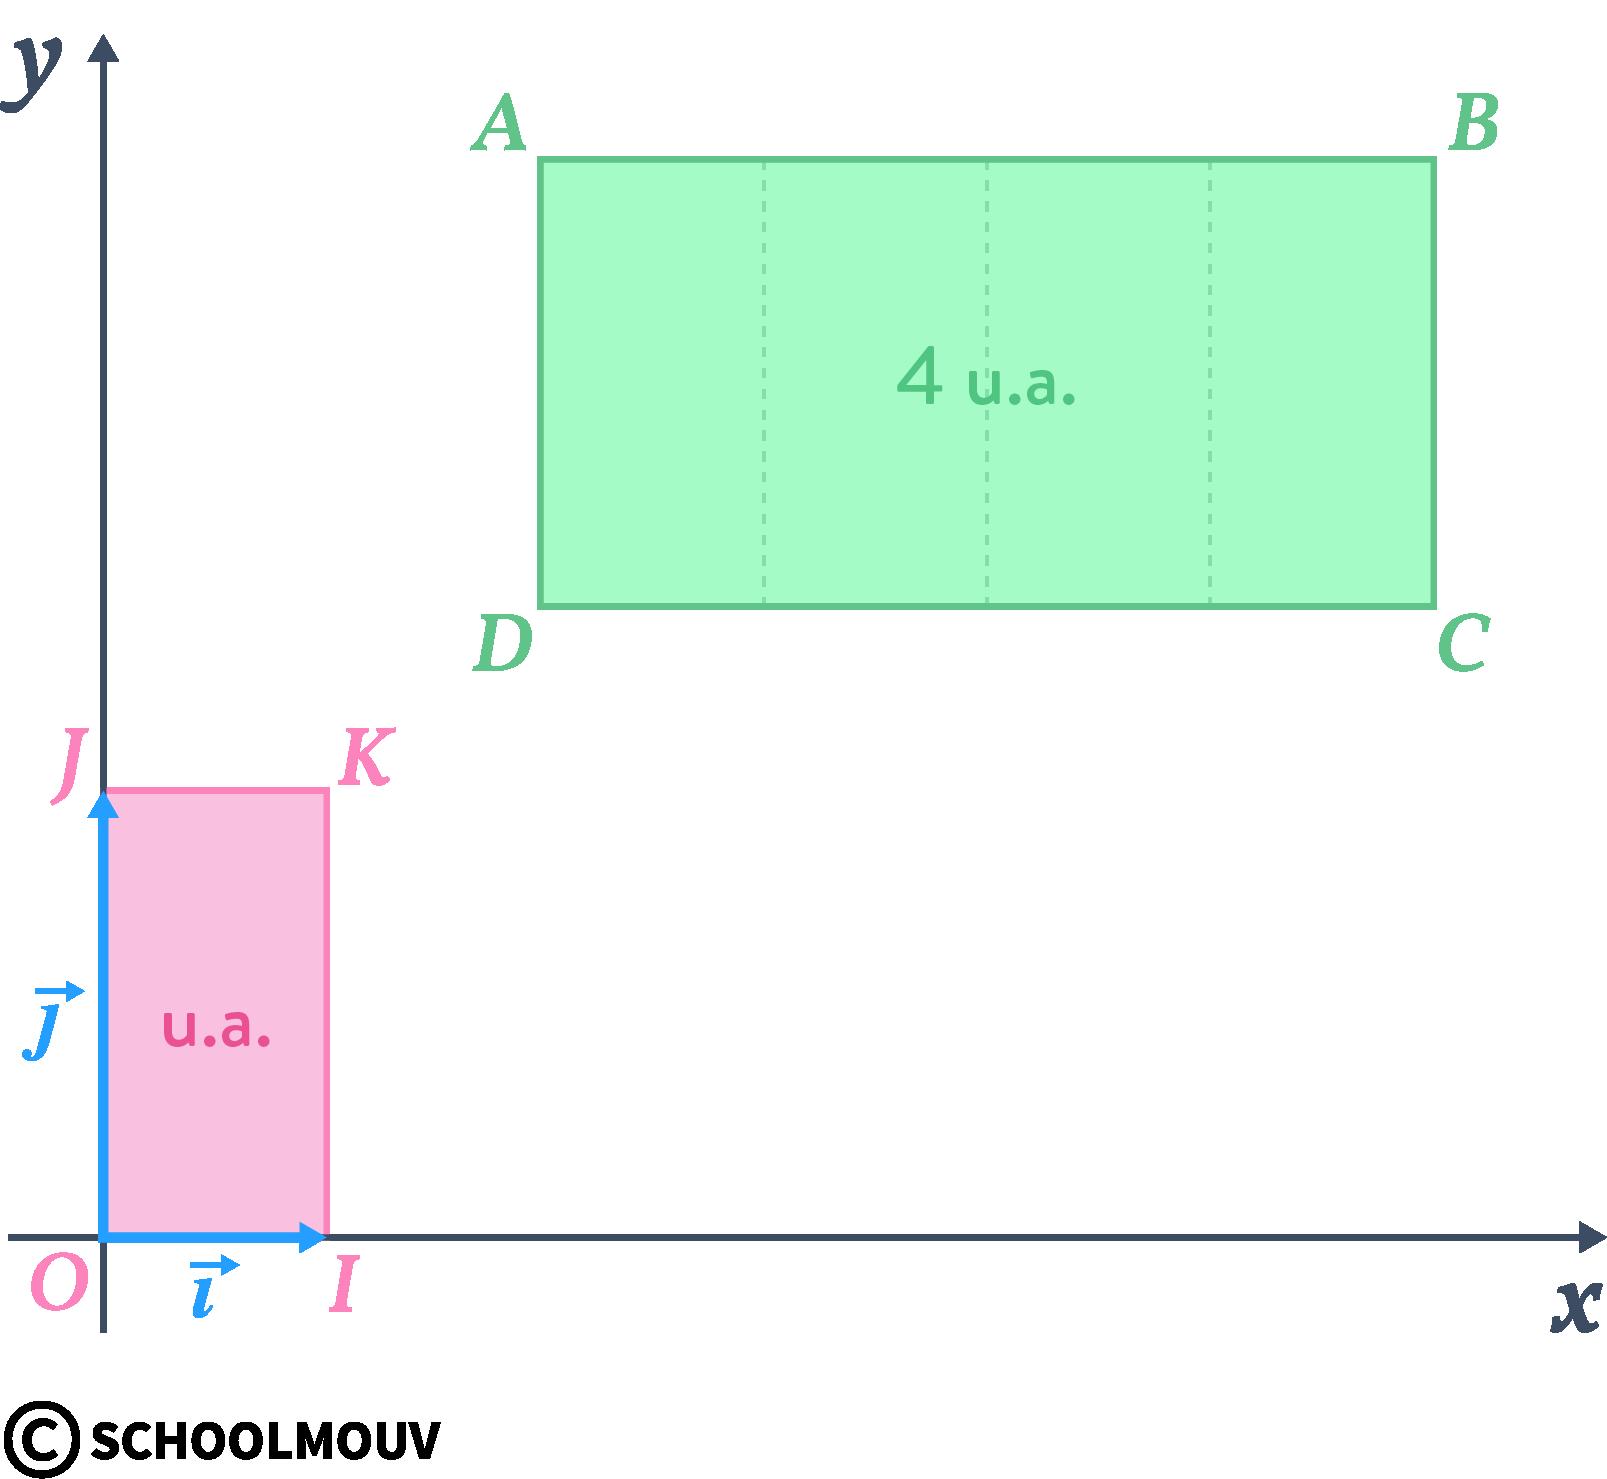 Alt terminale option mathématiques complémentaires intégration unité d'aire